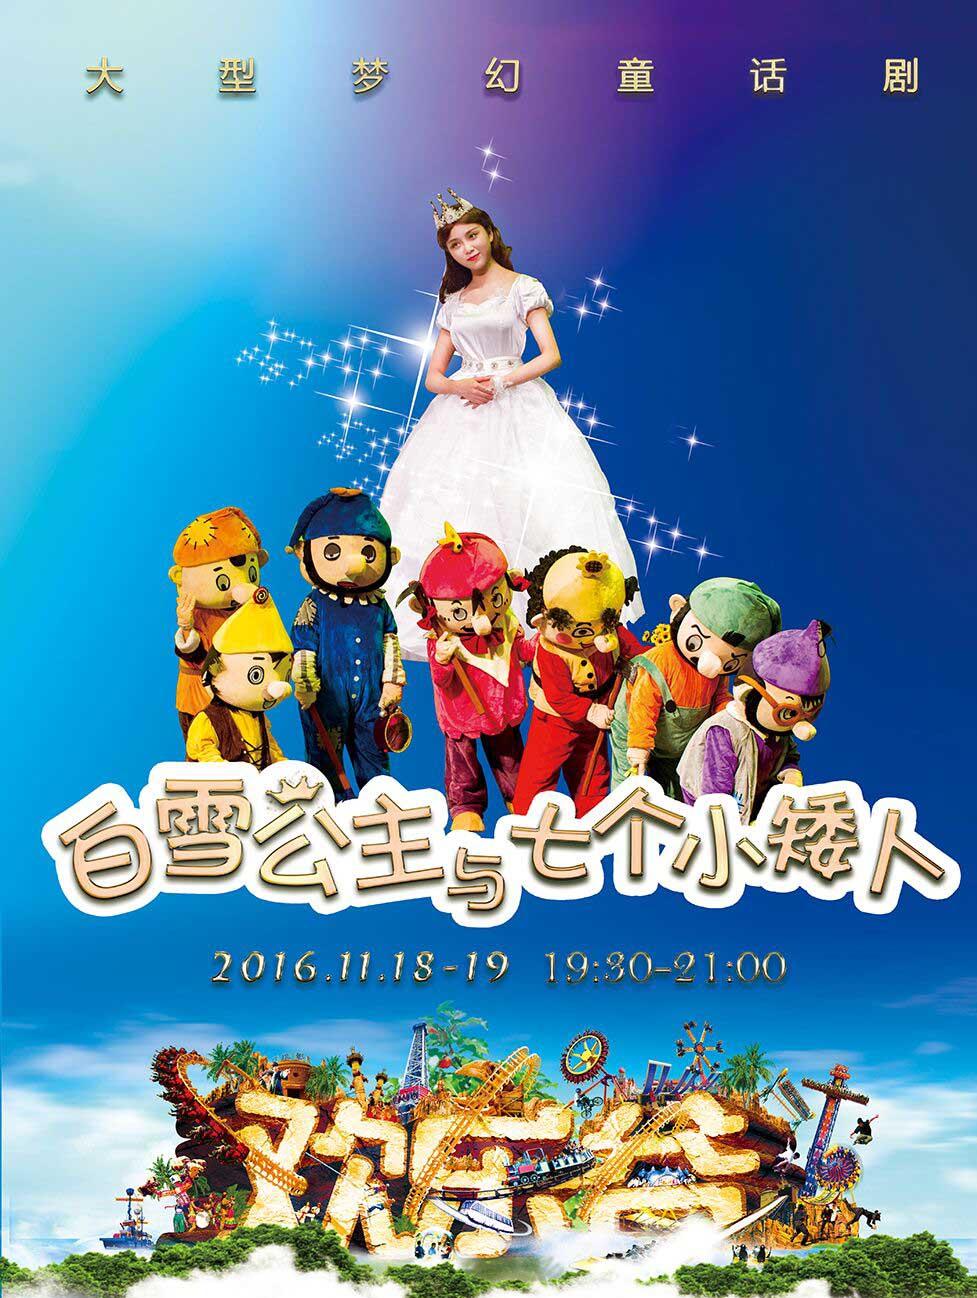 大型梦幻童话剧《白雪公主与七个小矮人》